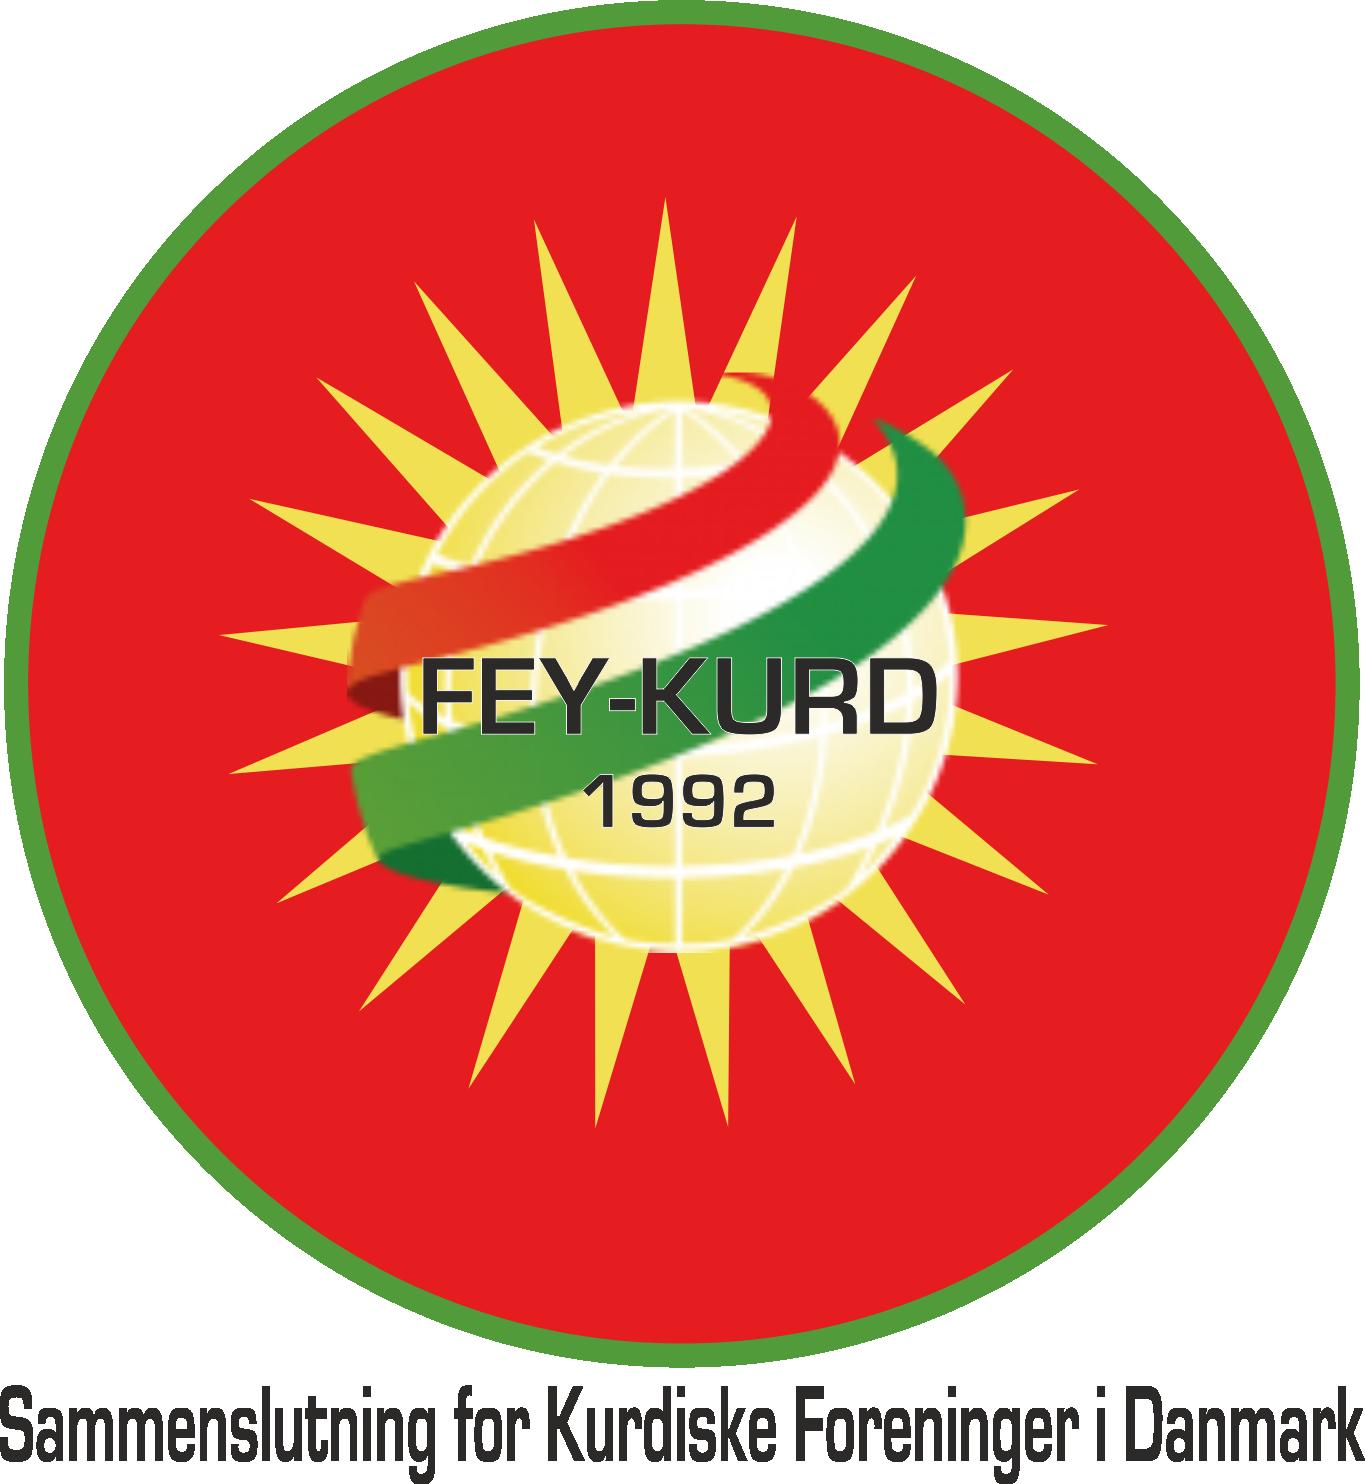 FEY-KURD arrangerer et folkemøde på søndag